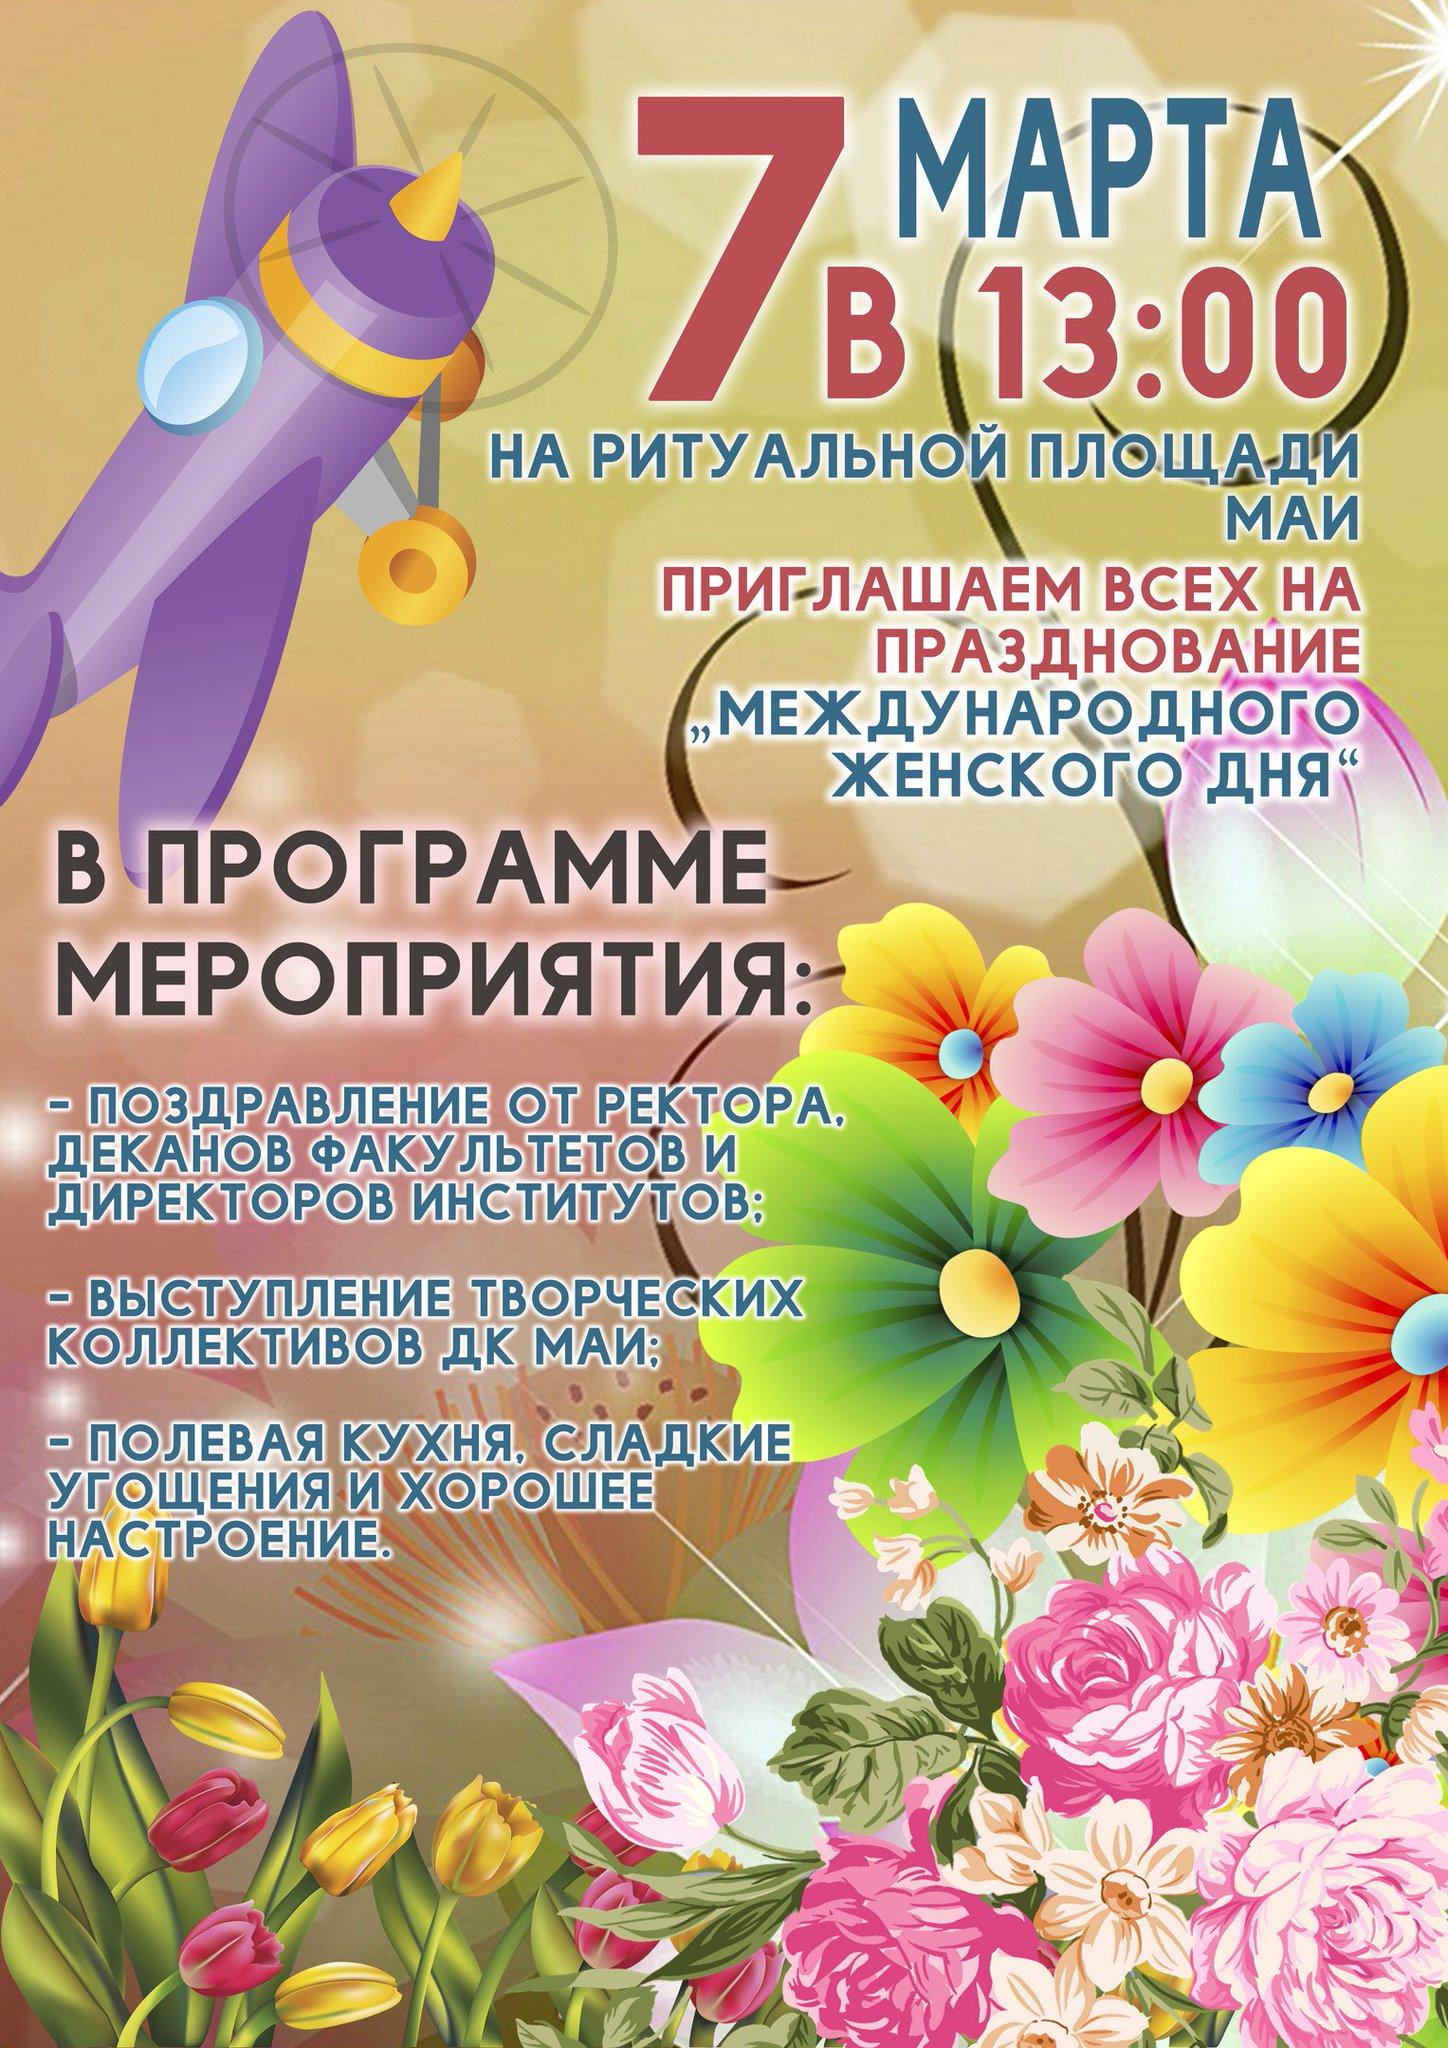 распаковка посылки поздравление на дому с 8 марта название мероприятия каждой части